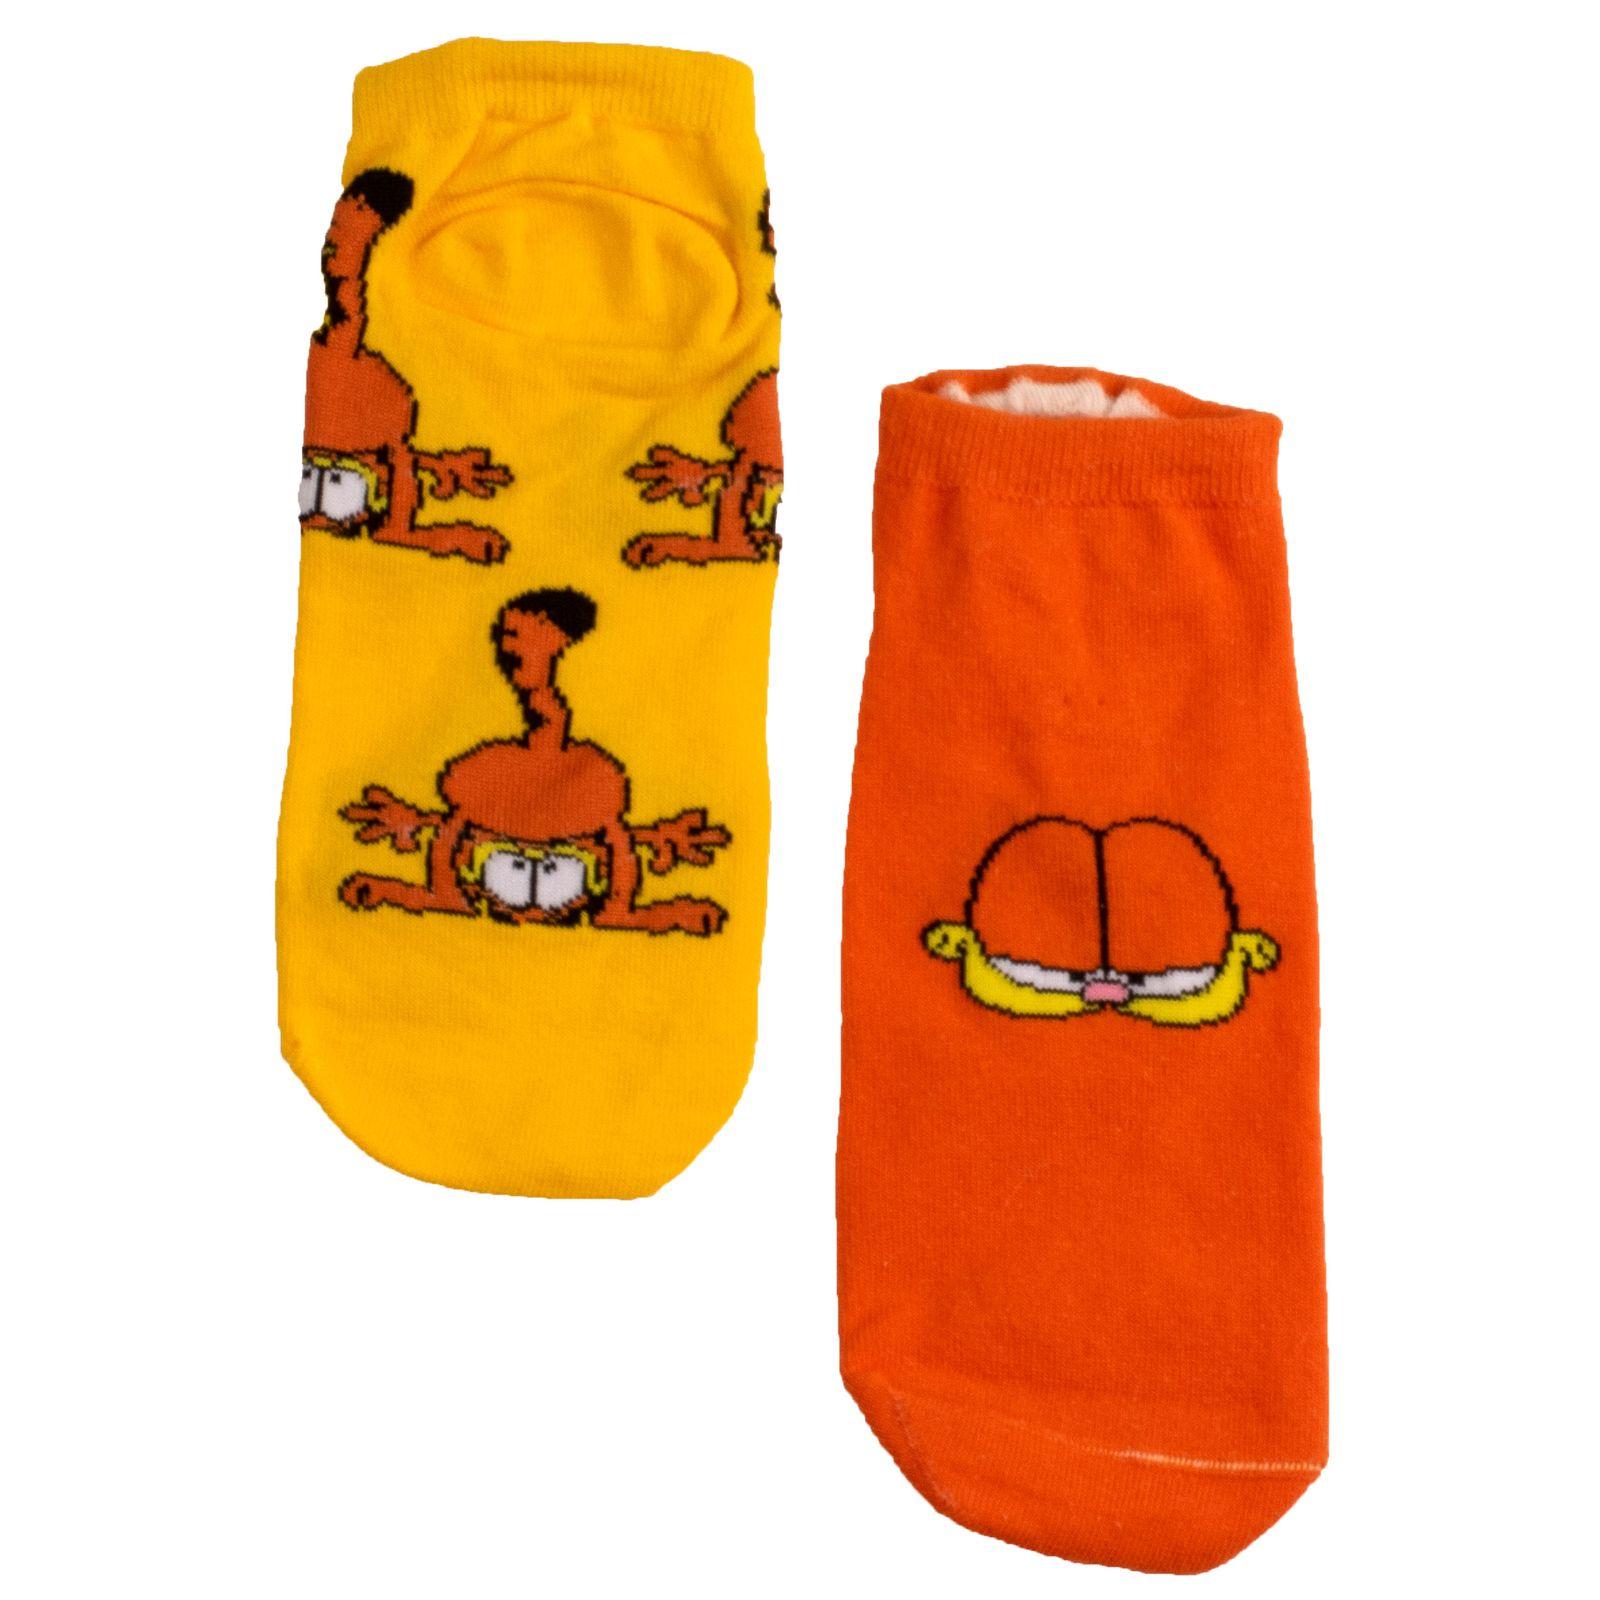 جوراب زنانه بوم طرح گارفیلد کد SKB-2008 -  - 2